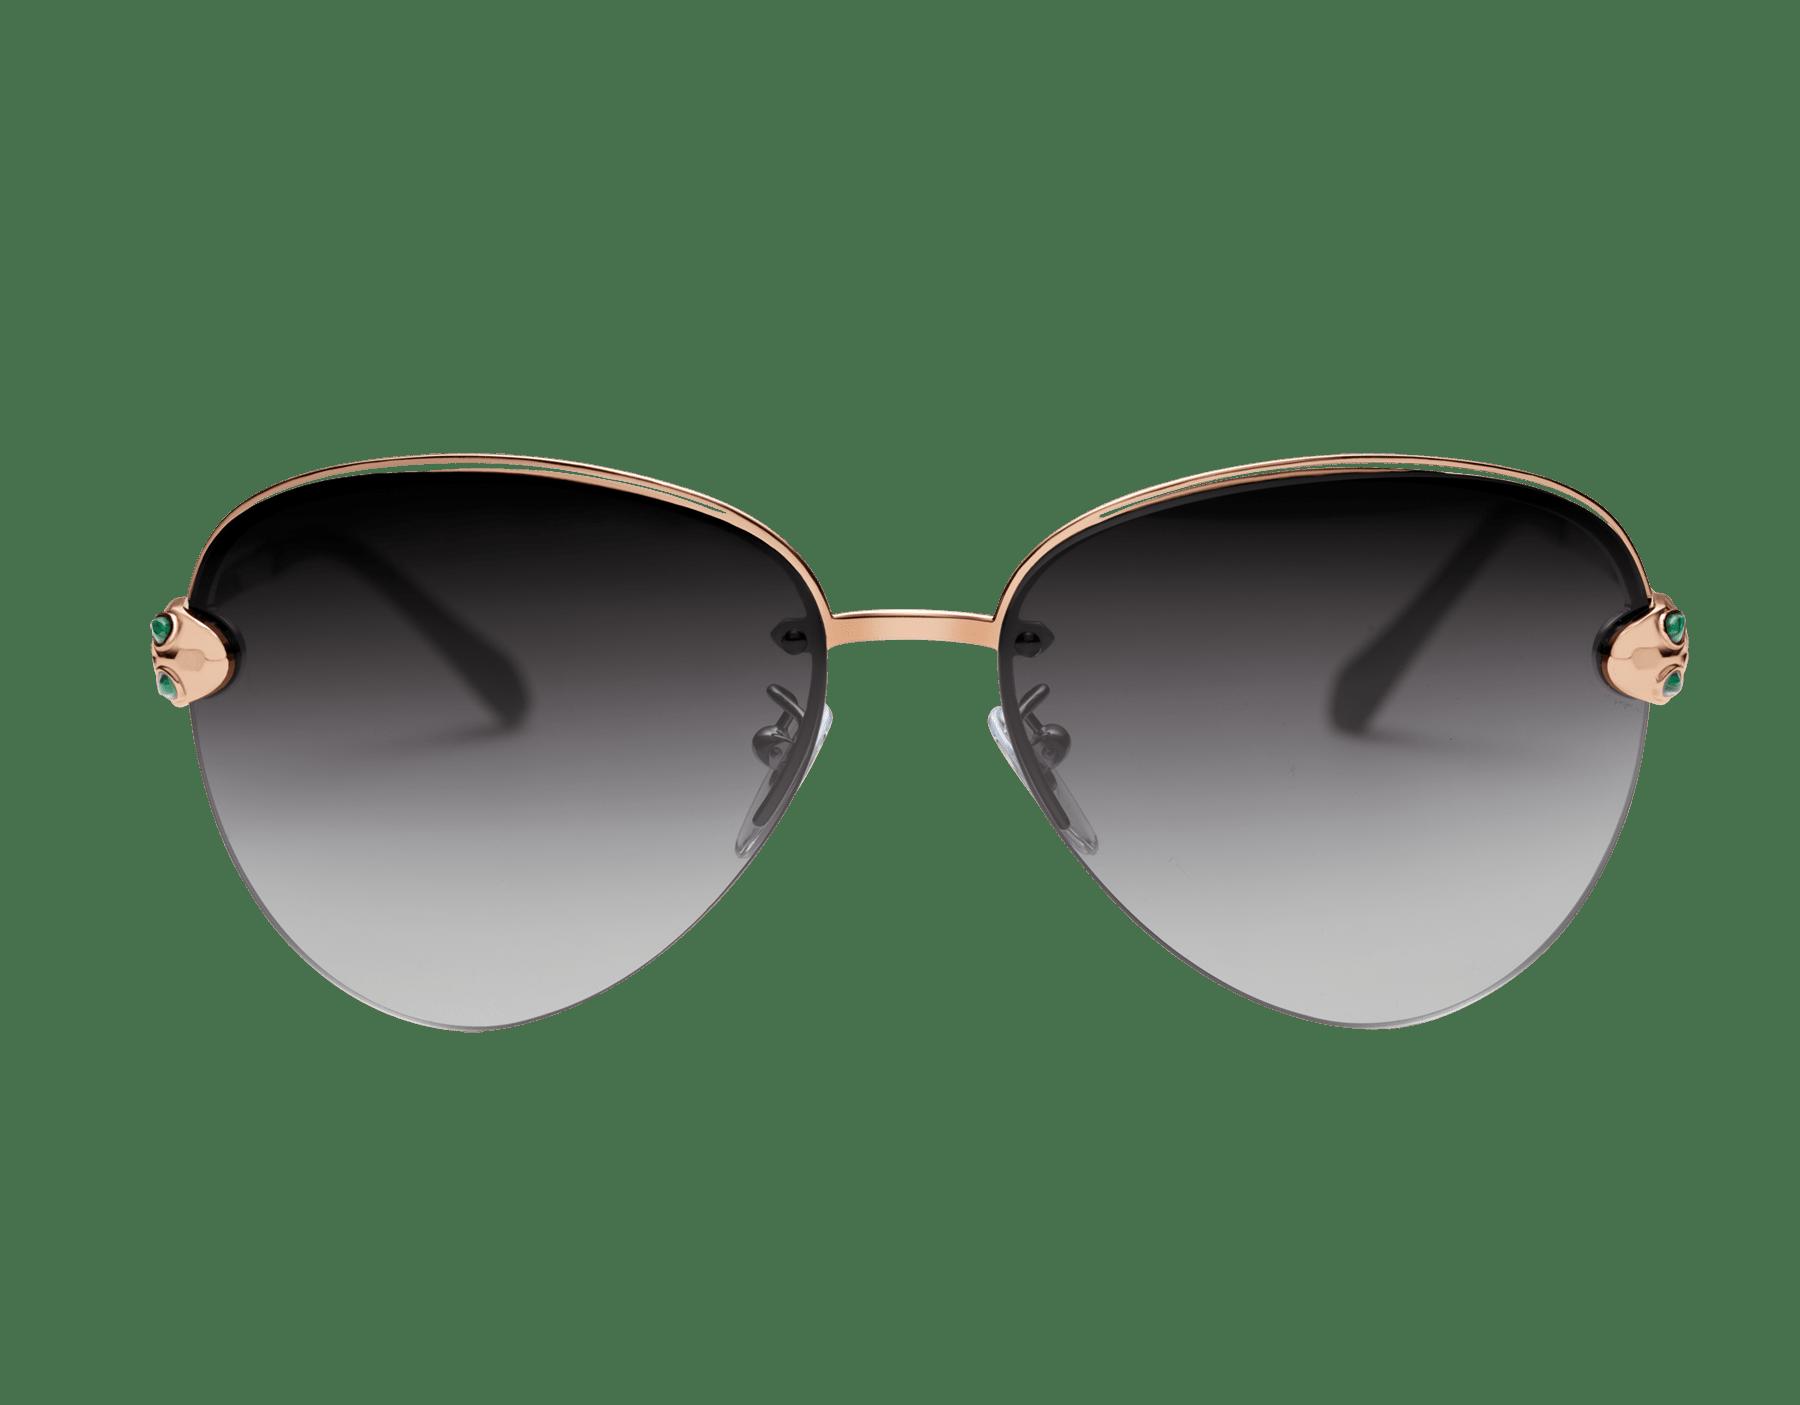 Vergoldete Bvlgari Le Gemme Piloten-Sonnenbrille mit einem Serpenti Schmuckdekor mit Malachit. 903841 image 2